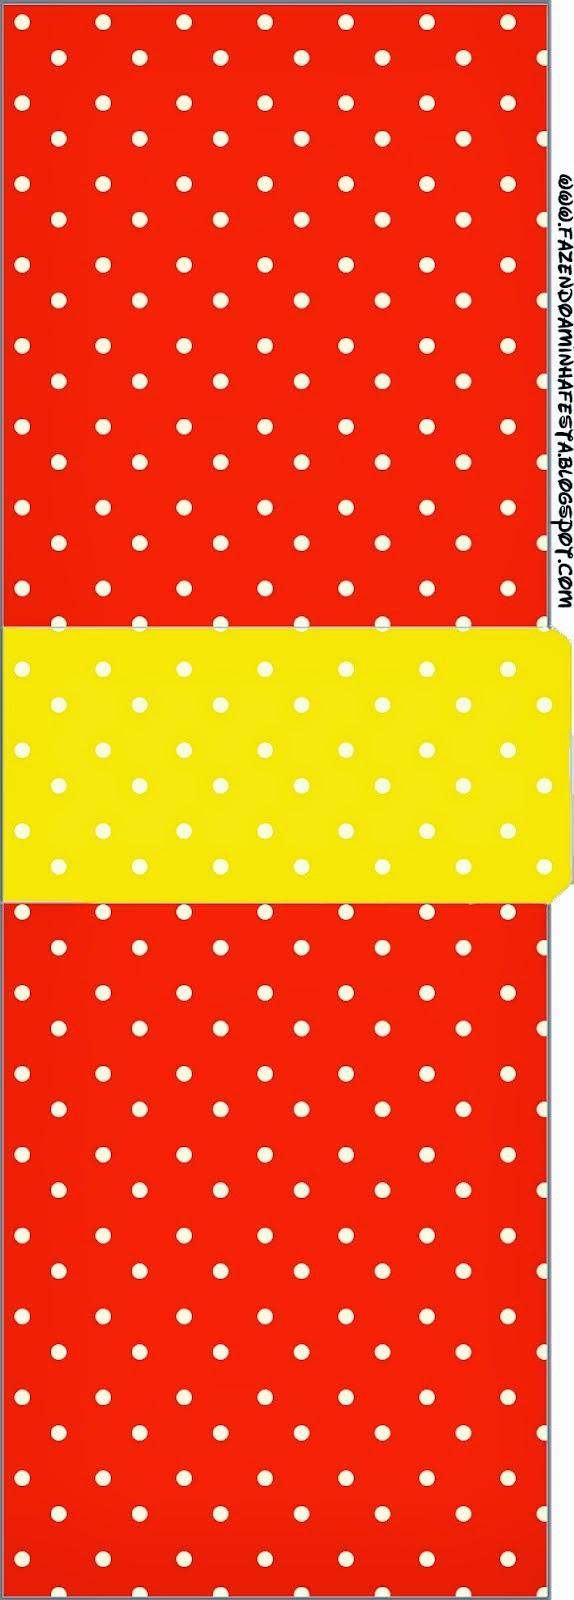 Etiqueta Tic Tac para Imprimir Gratis de Rojo, Amarillo y Lunares Blancos.